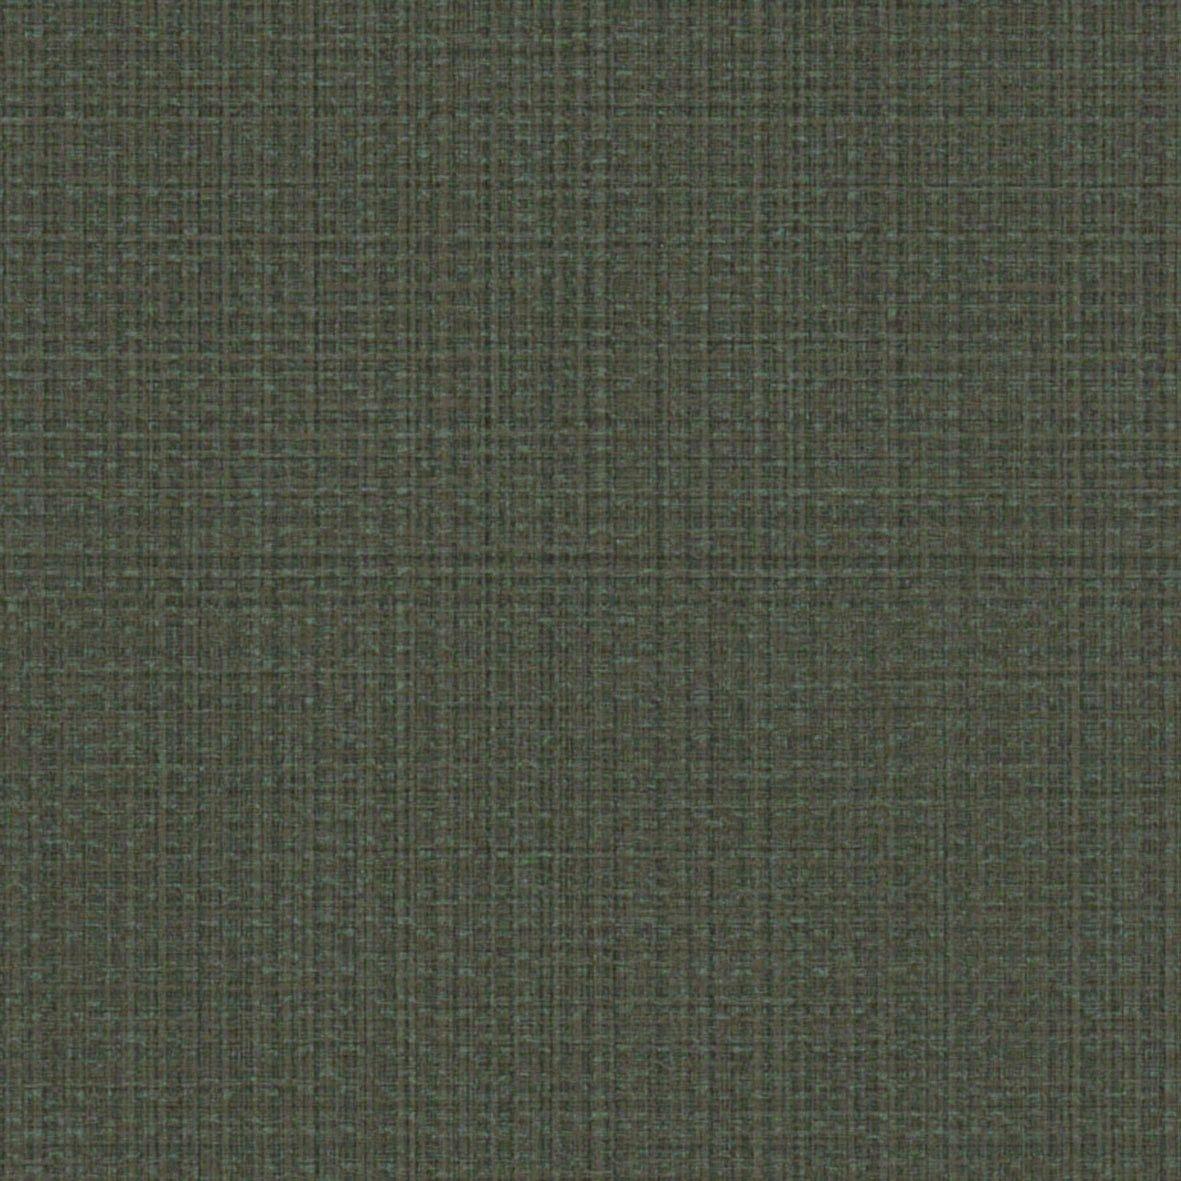 リリカラ 壁紙40m シンフル 花柄 ホワイト パターン LB-9059 B01IHSC24S 40m